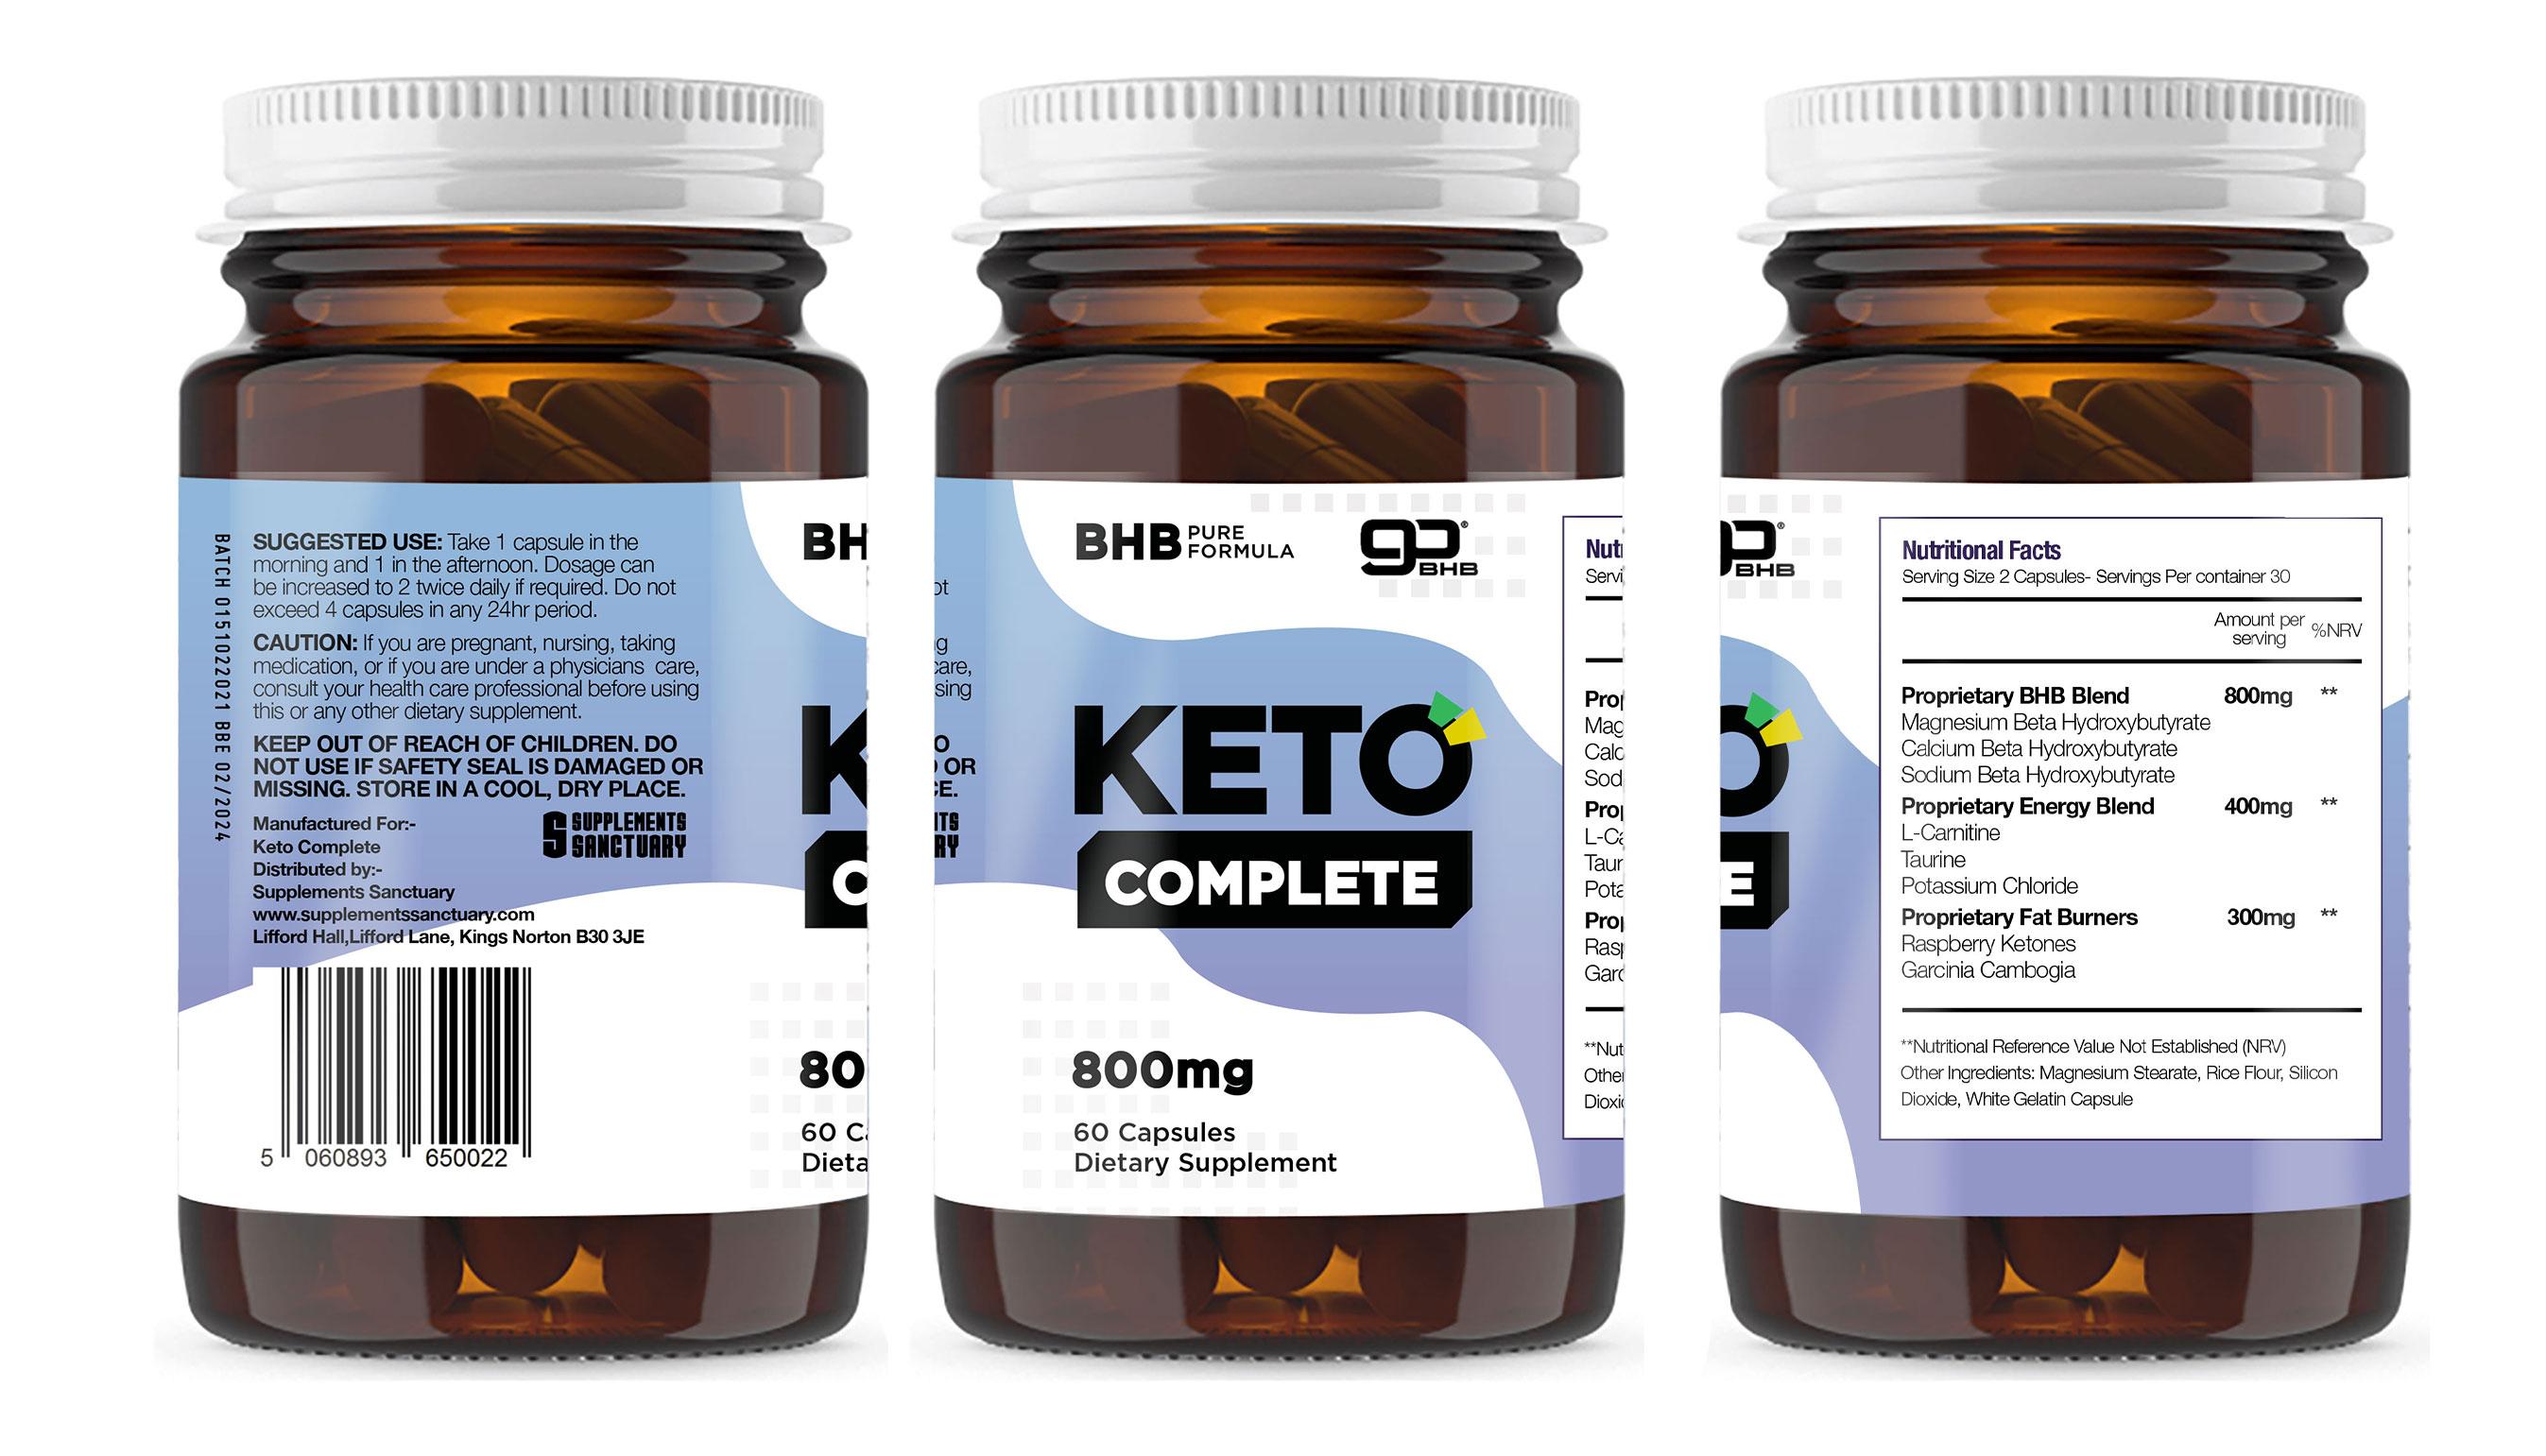 KETO COMPLETE (60 CAPSULES) – DRAGONS DEN – Supplements Sanctuary